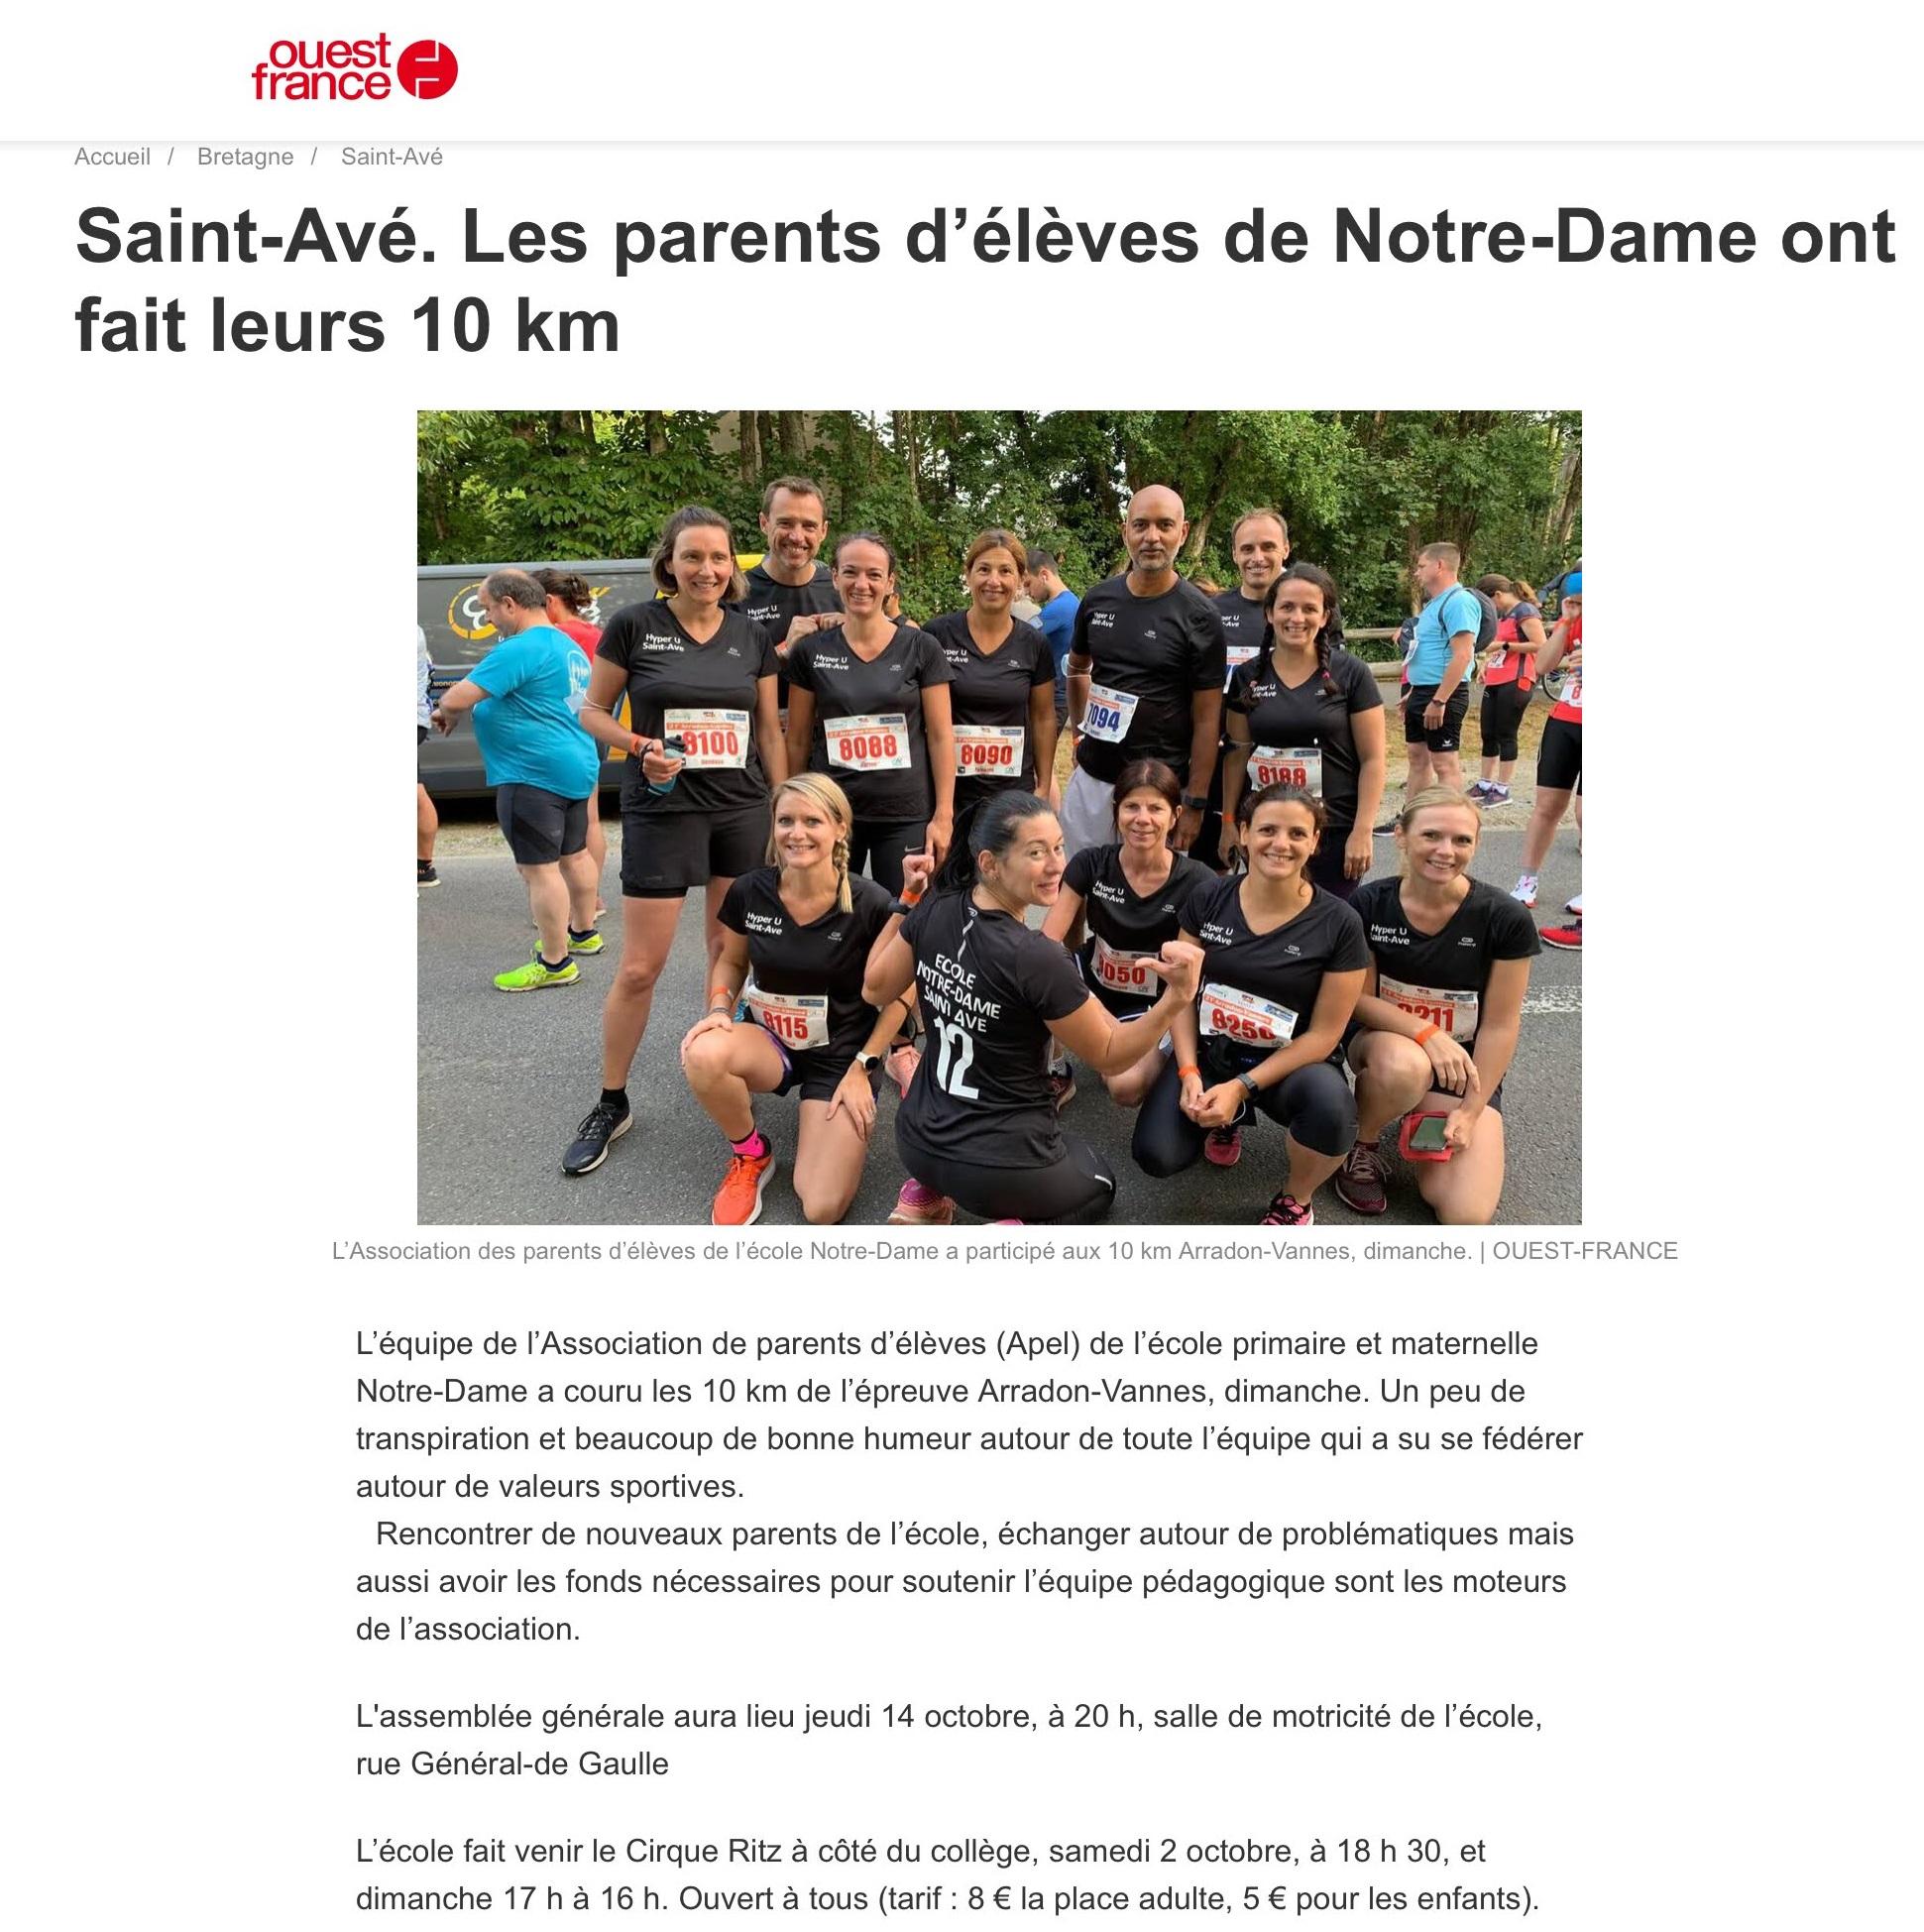 Les parents d'élèves de Notre-Dame ont fait leurs 10 km